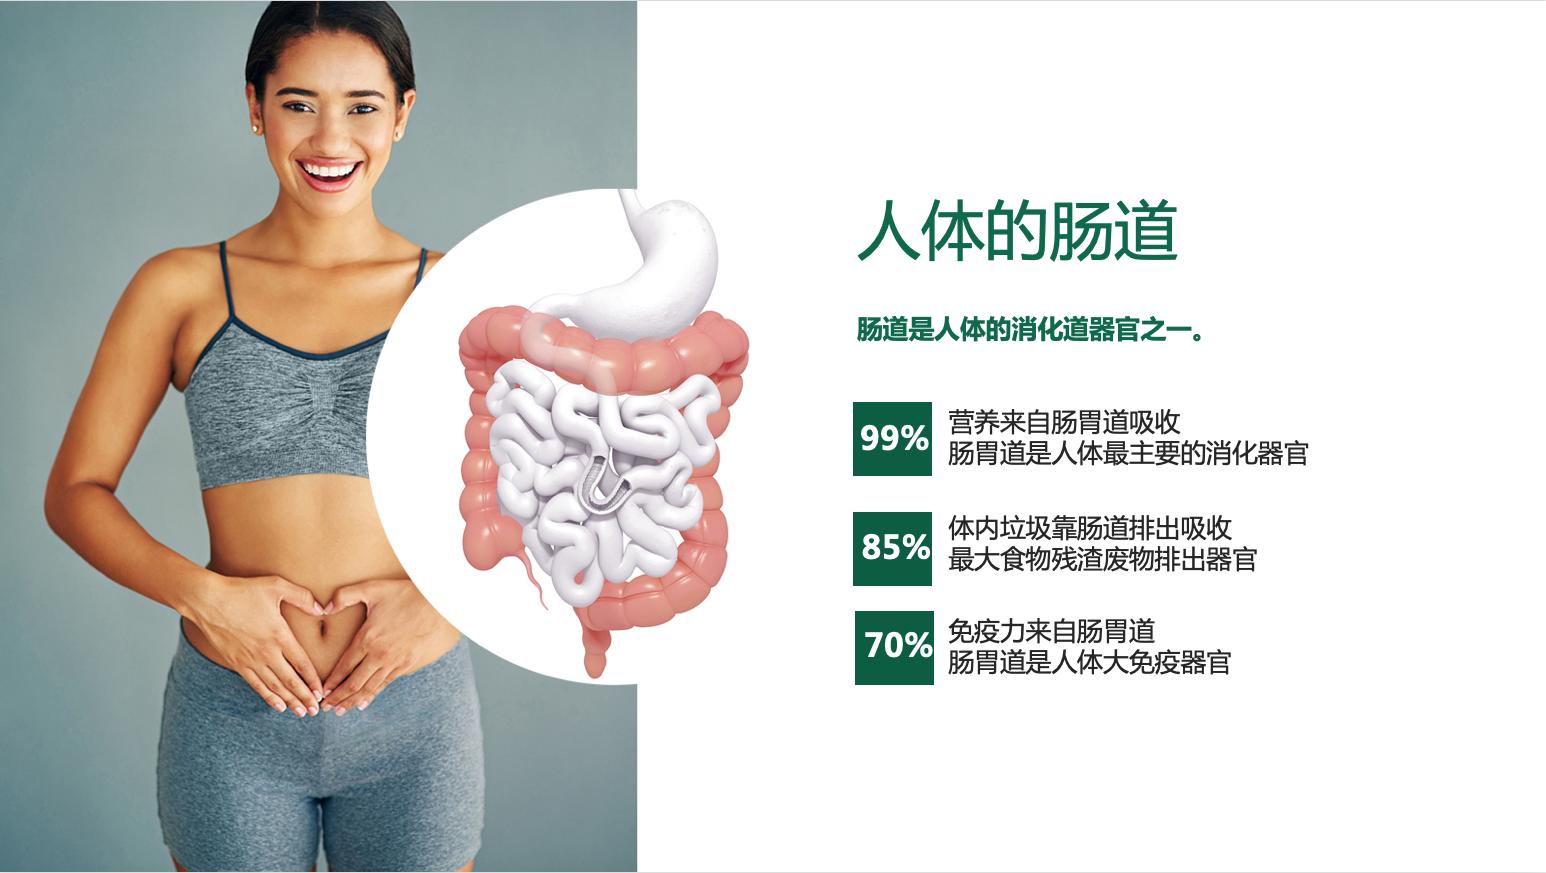 复合果蔬酵素饮活性物质全面提取?专注美白肌肤?